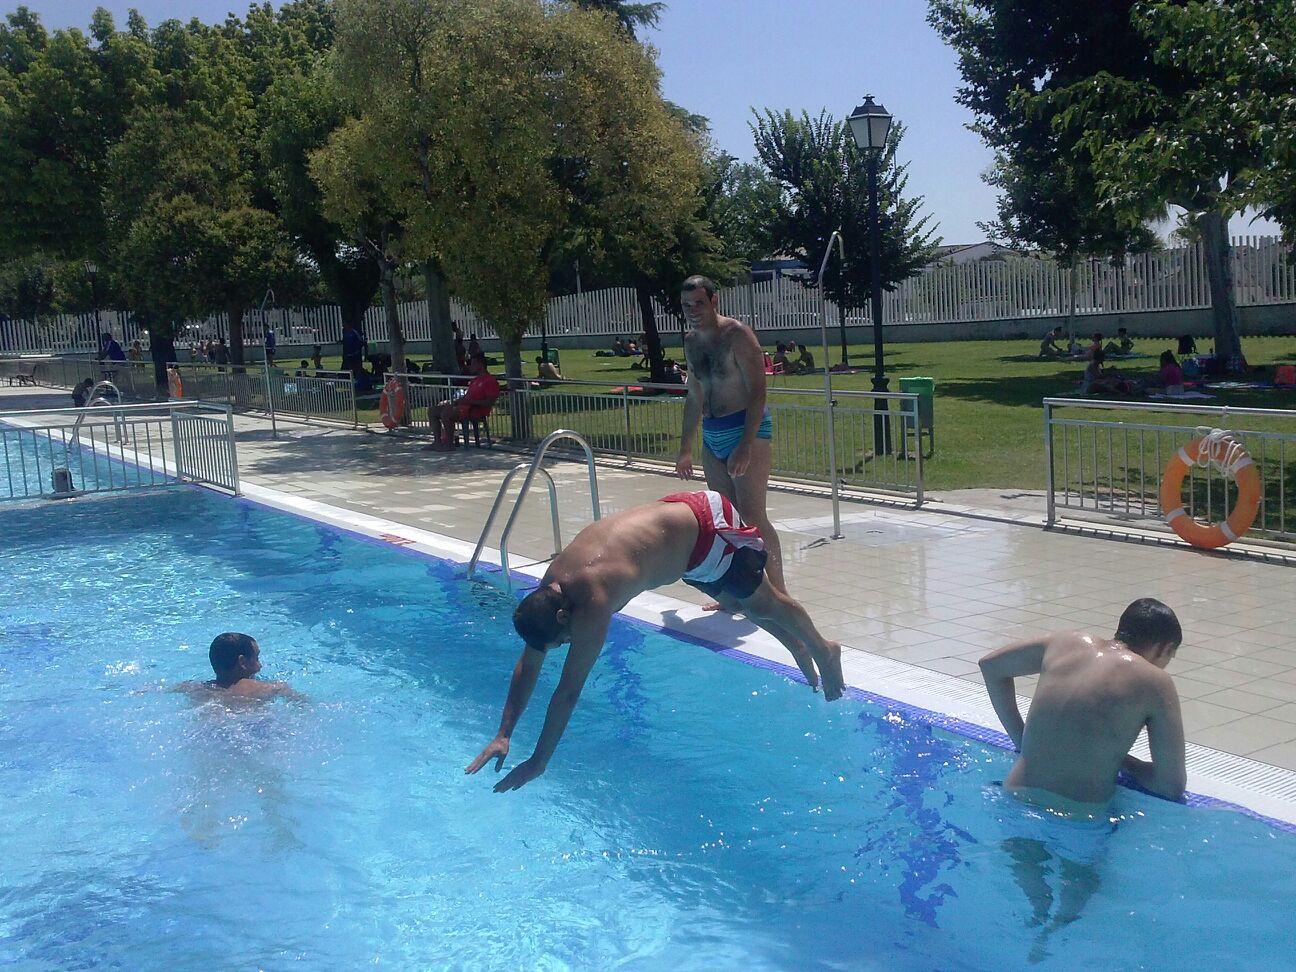 La r a sale a la piscina municipal todos los martes y - Piscina a sale ...